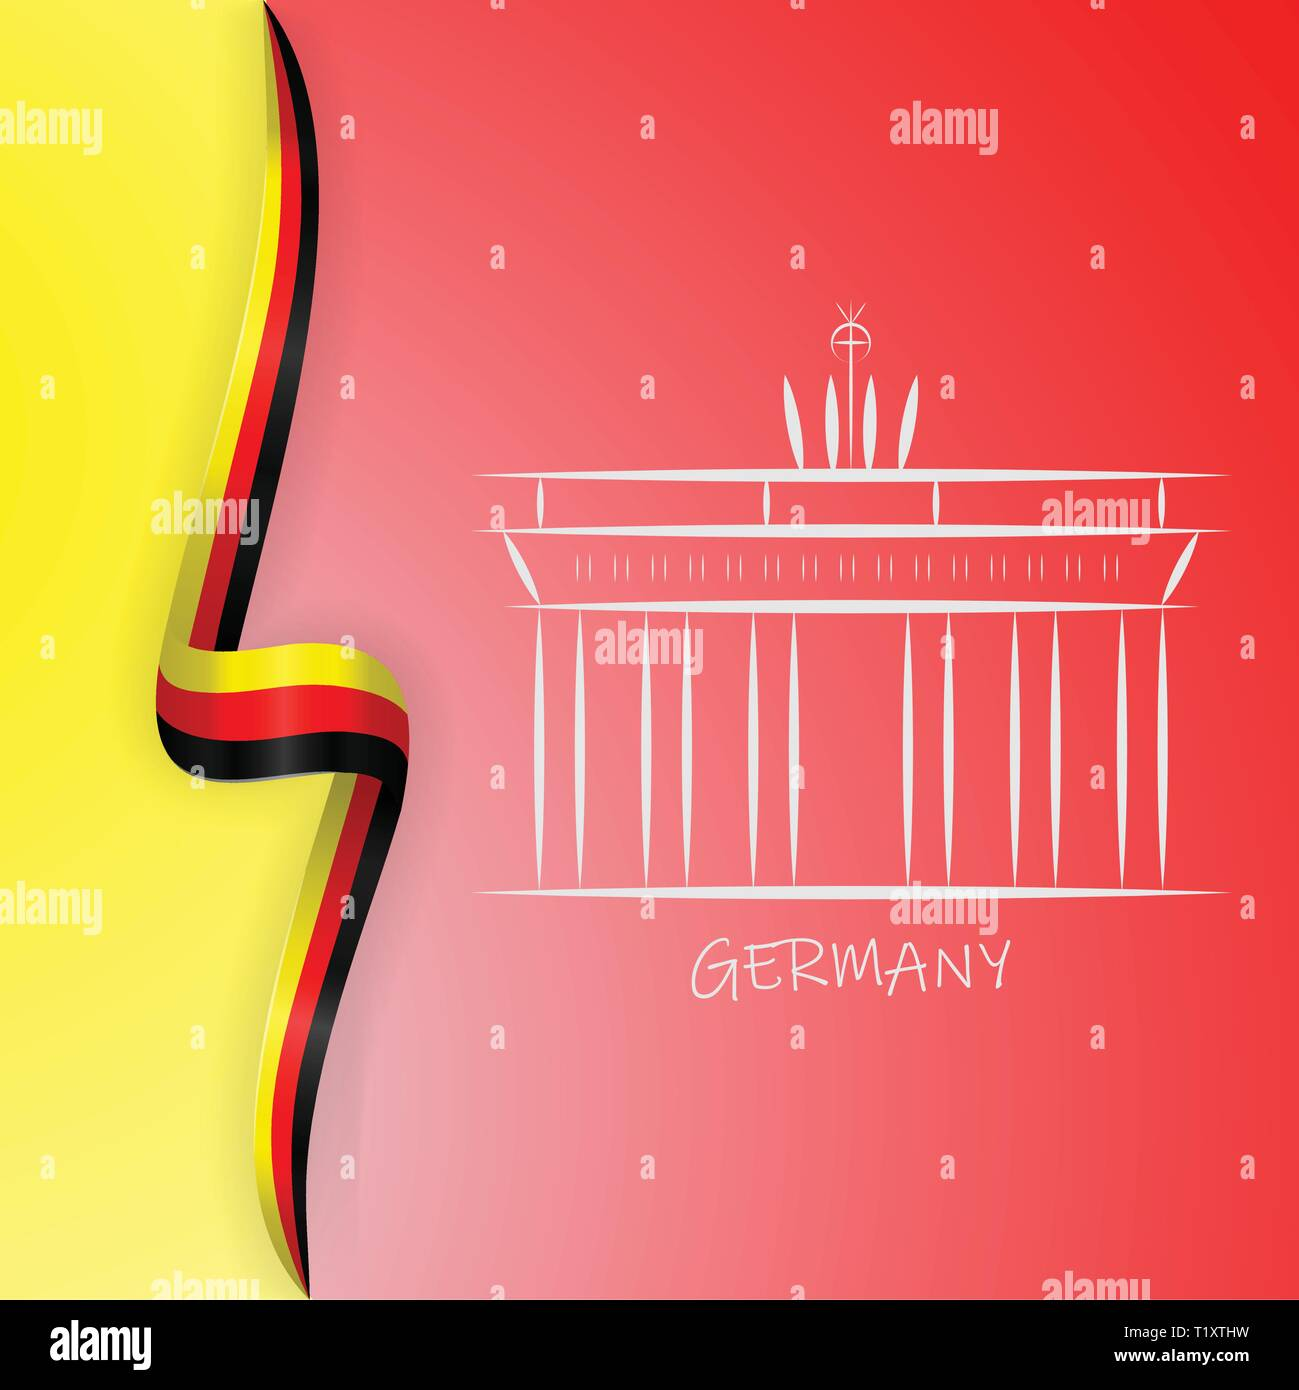 Deutschland Fahne Wave Und Brandenburger Tor Brandenburger Tor Stock Vektorgrafik Alamy